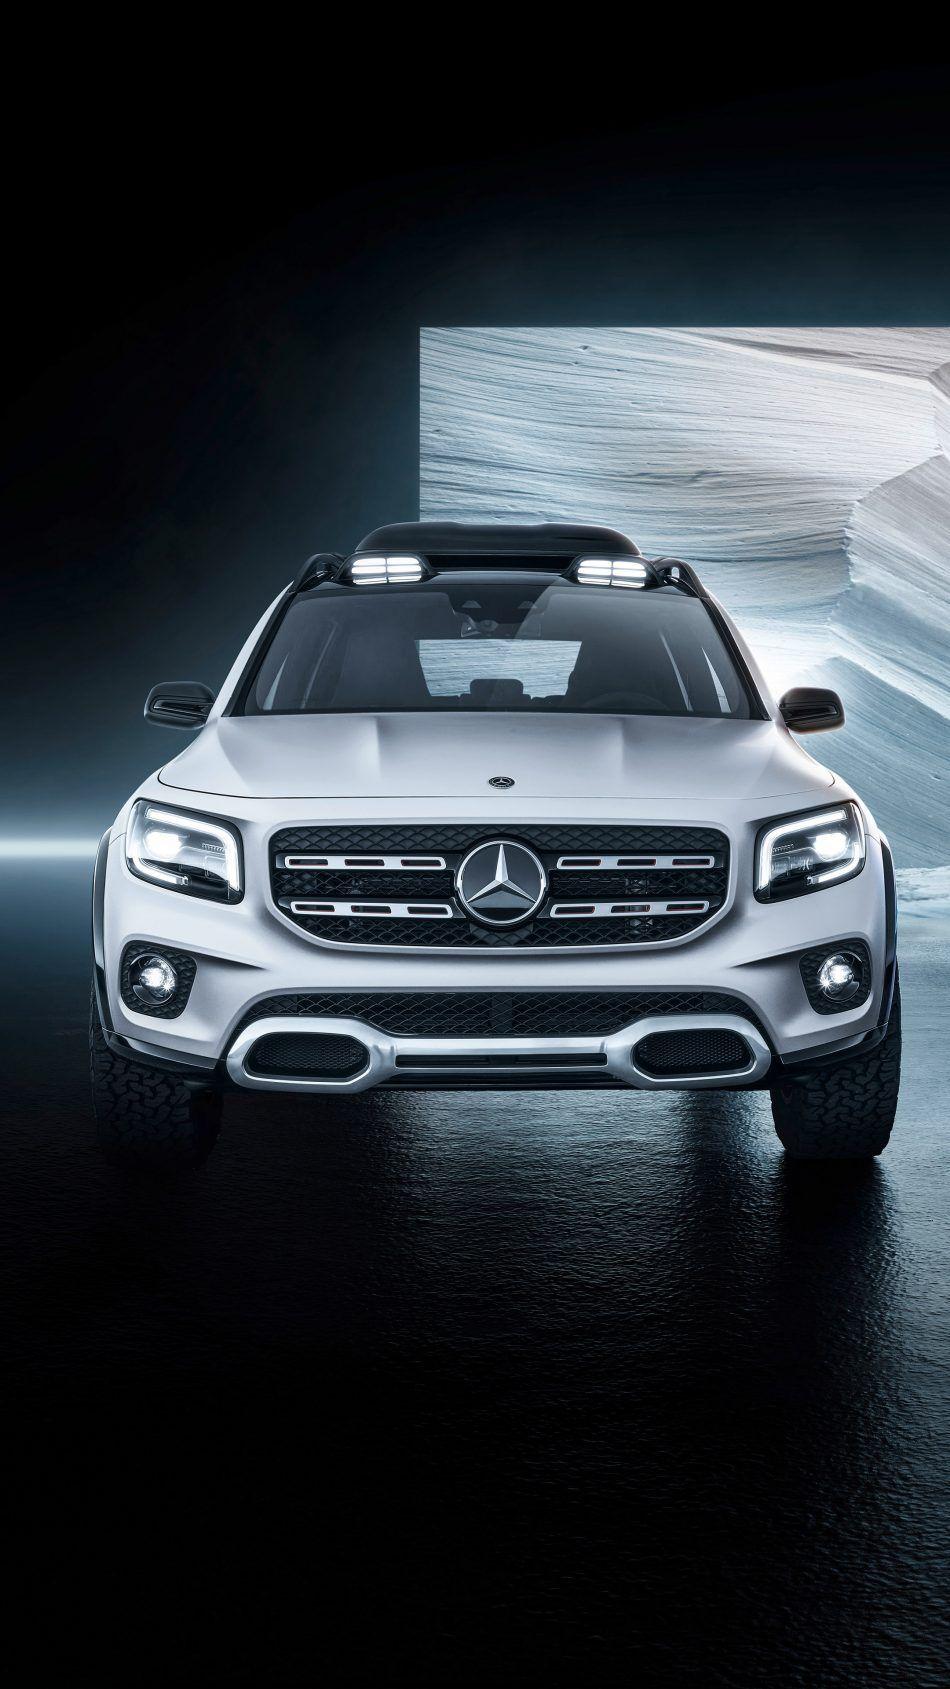 Mercedes Benz Concept Glb 2019 Mercedes Benz Suv Mercedes